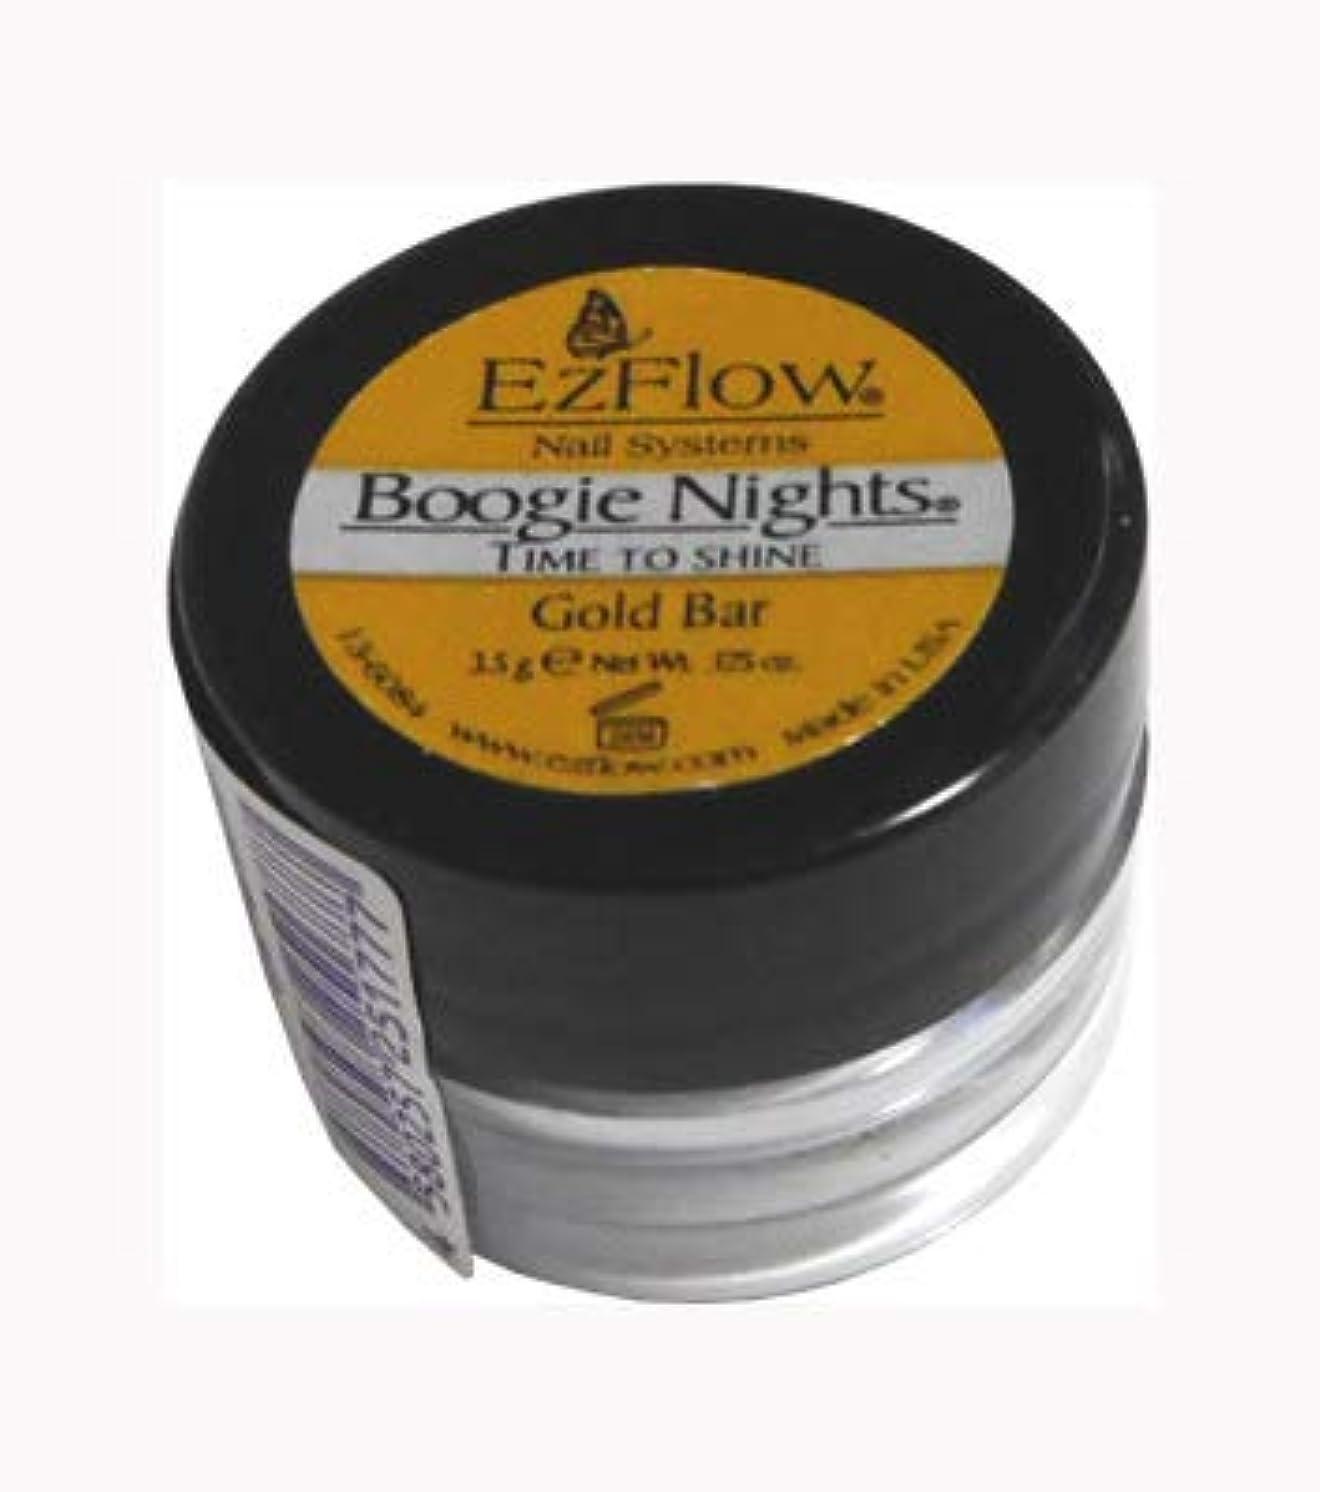 組立魔女許可するEzFlow カラーパウダー 1/8oz タイムトゥシャイン(4色) ミッドナイト アワー